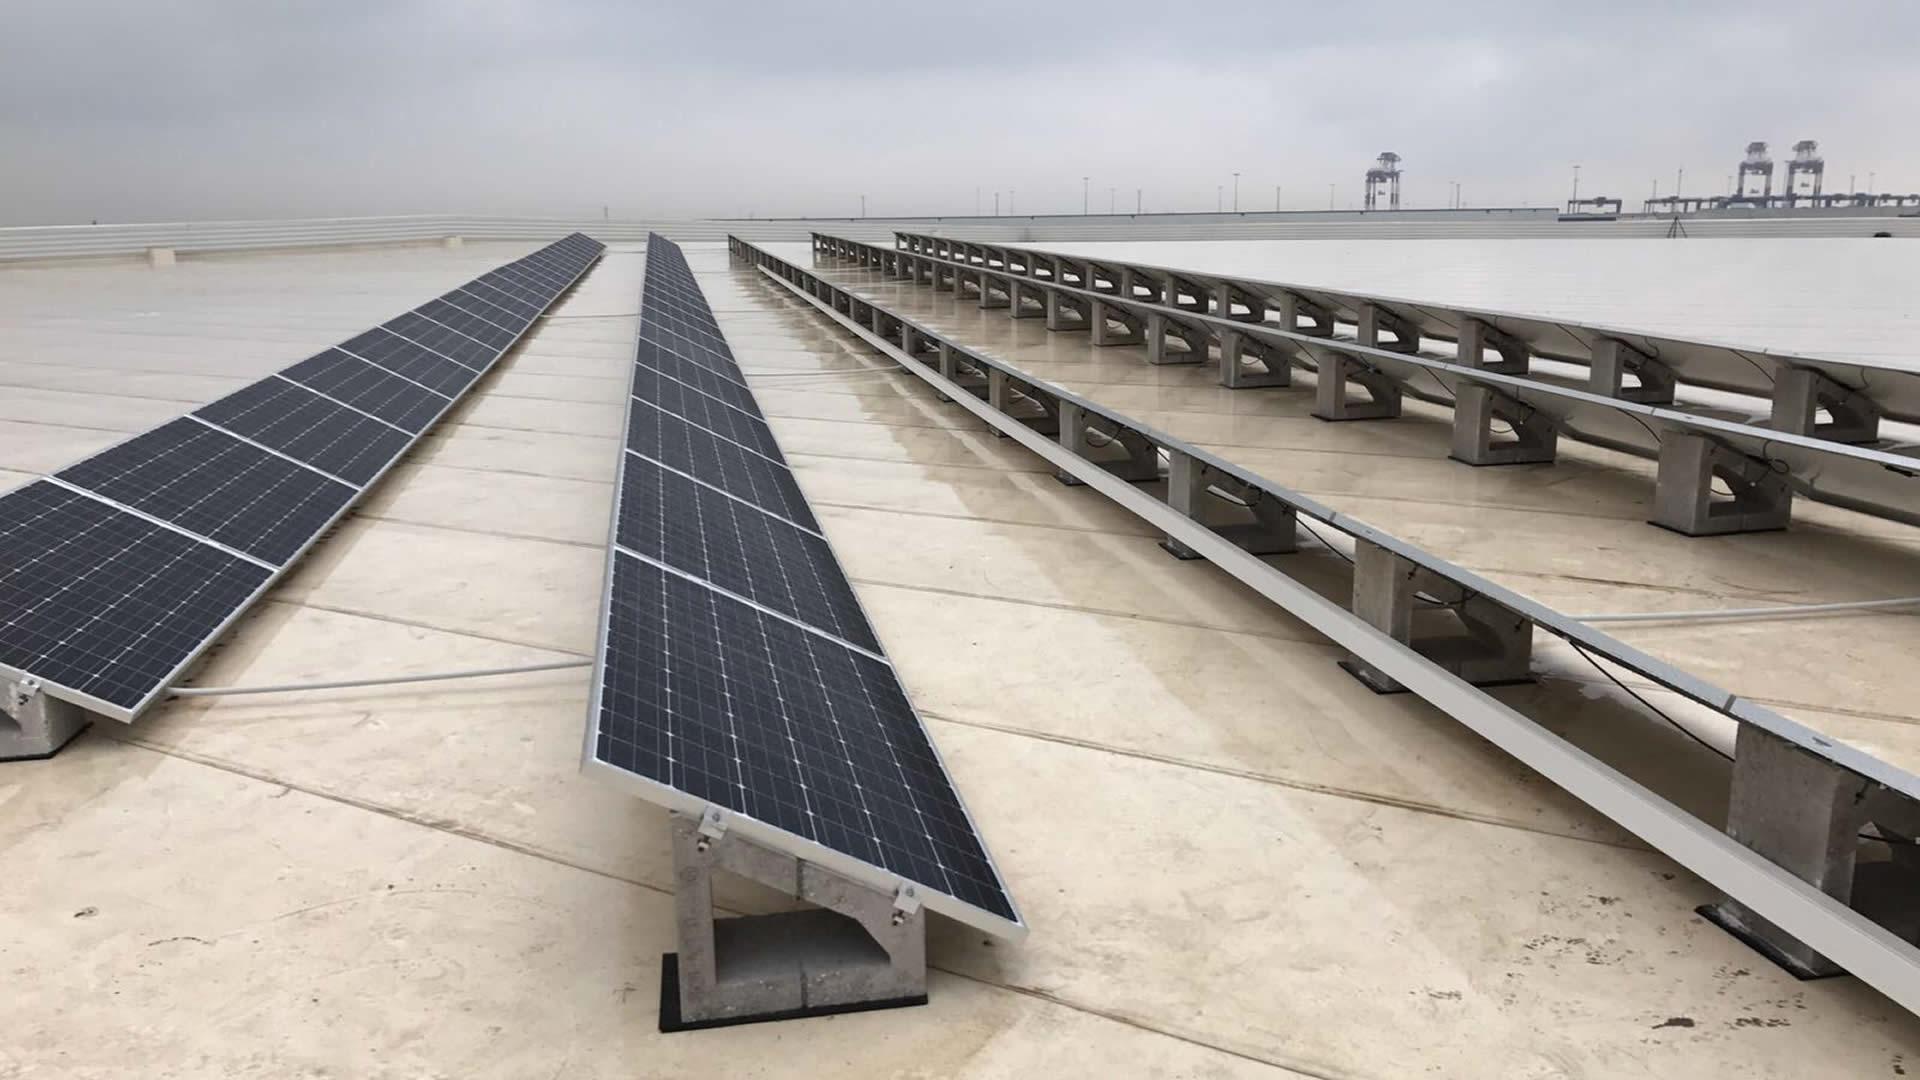 Instalación de energía solar fotovoltaica para autoconsumo en DHL Barcelona